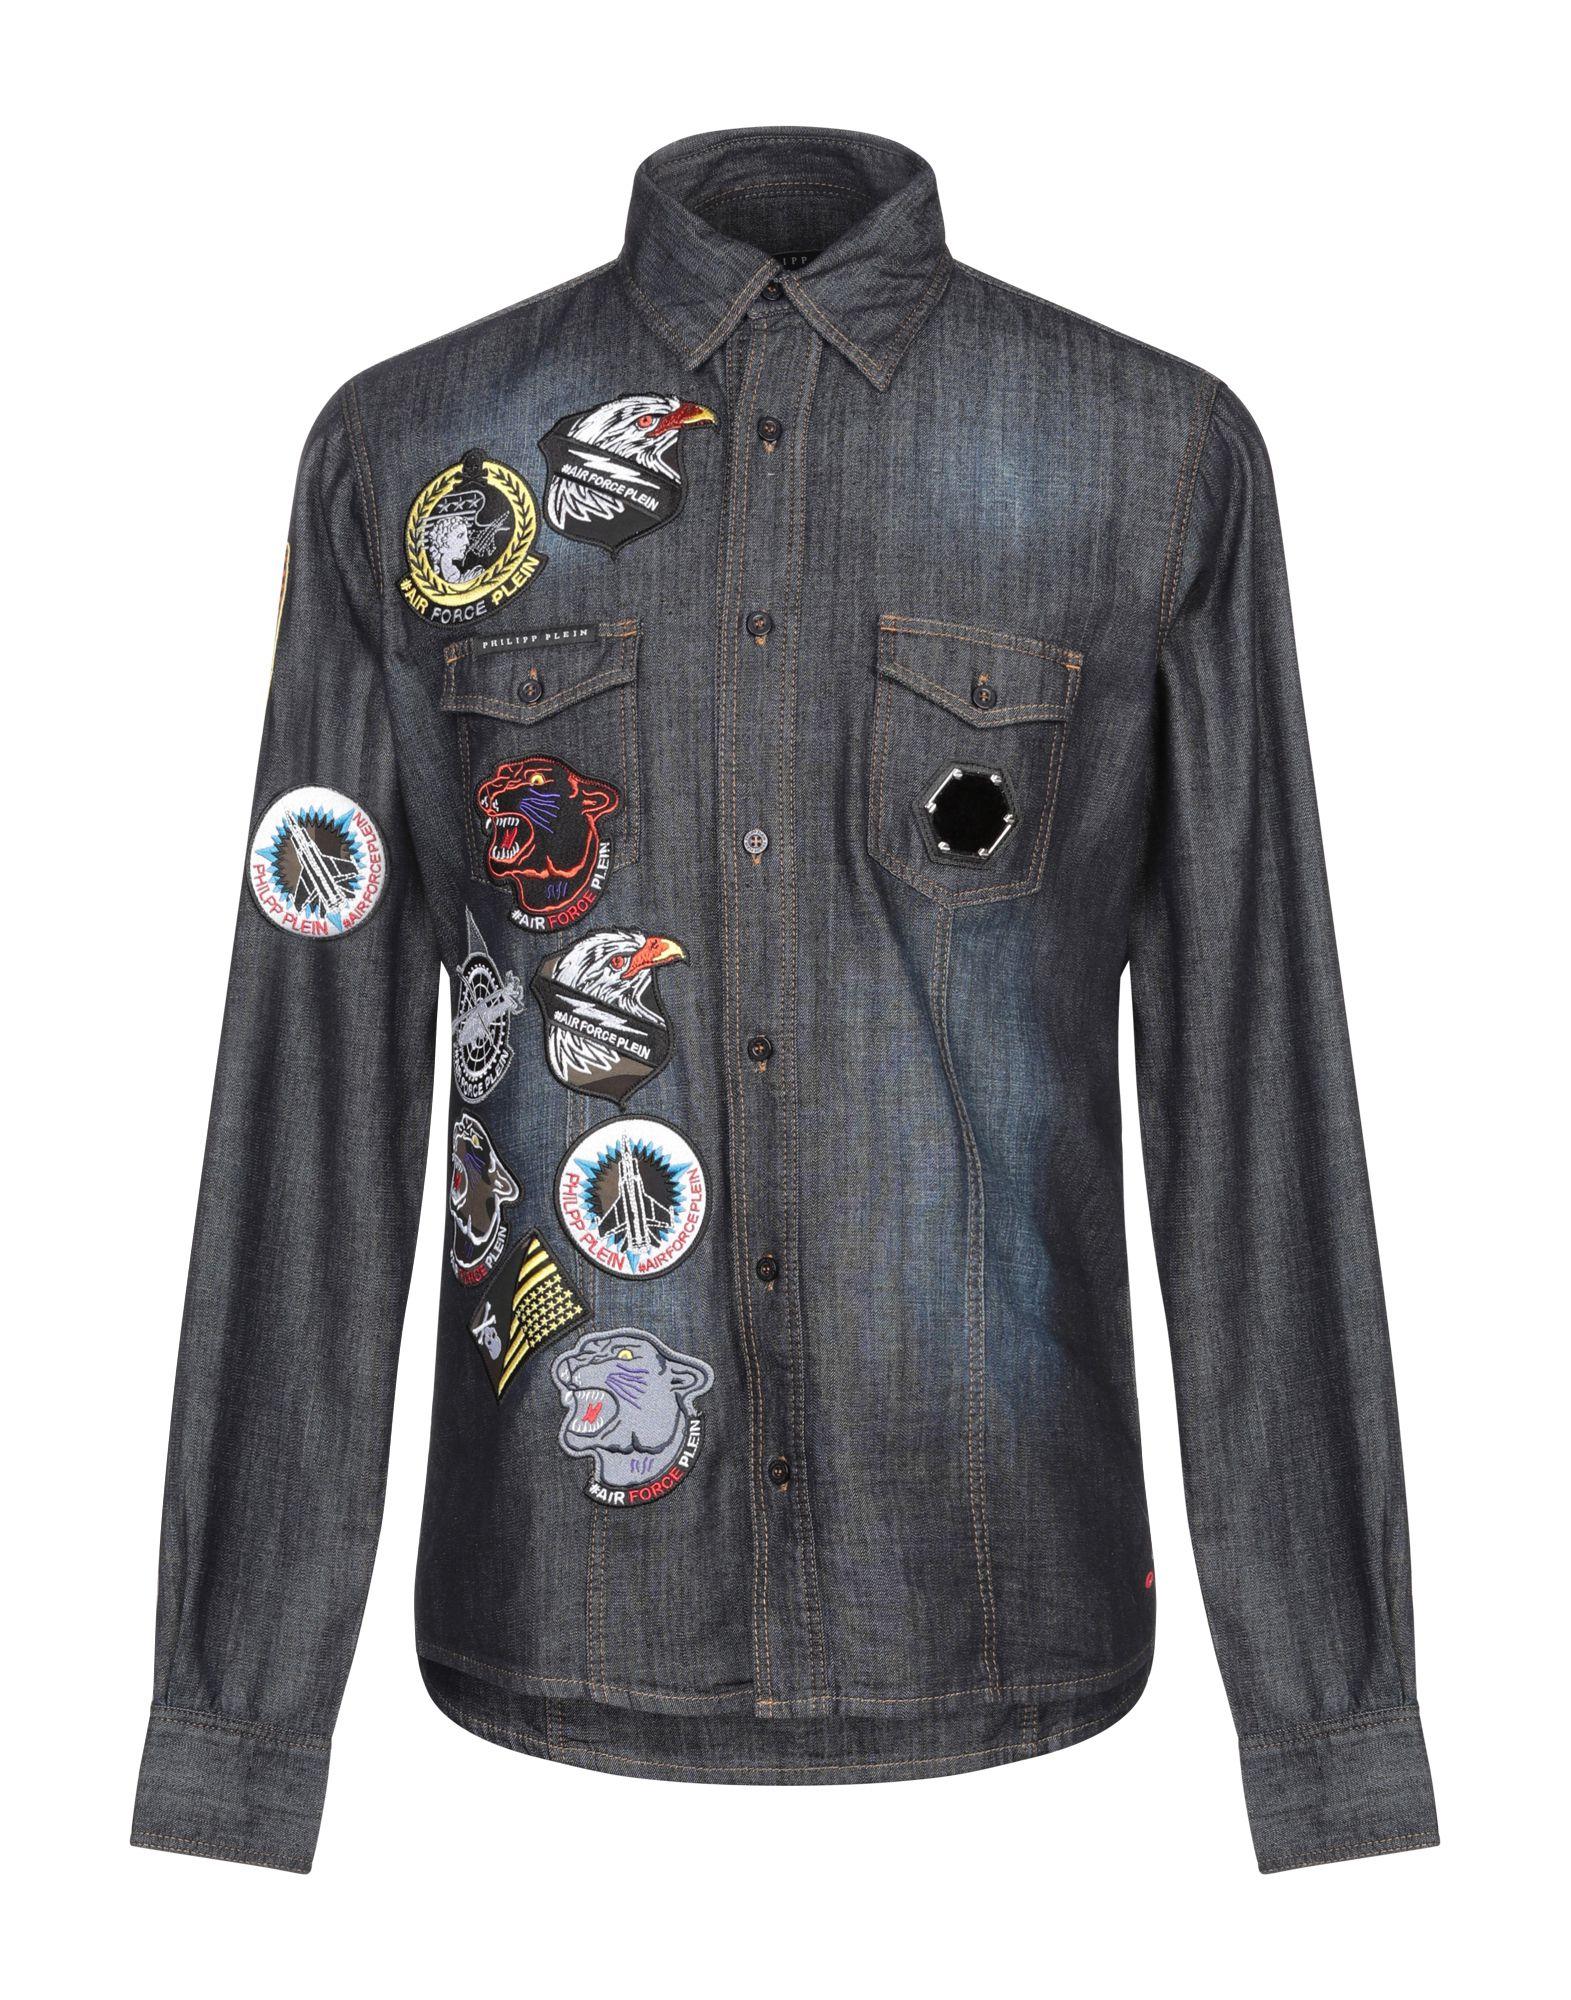 купить PHILIPP PLEIN Джинсовая рубашка по цене 20100 рублей